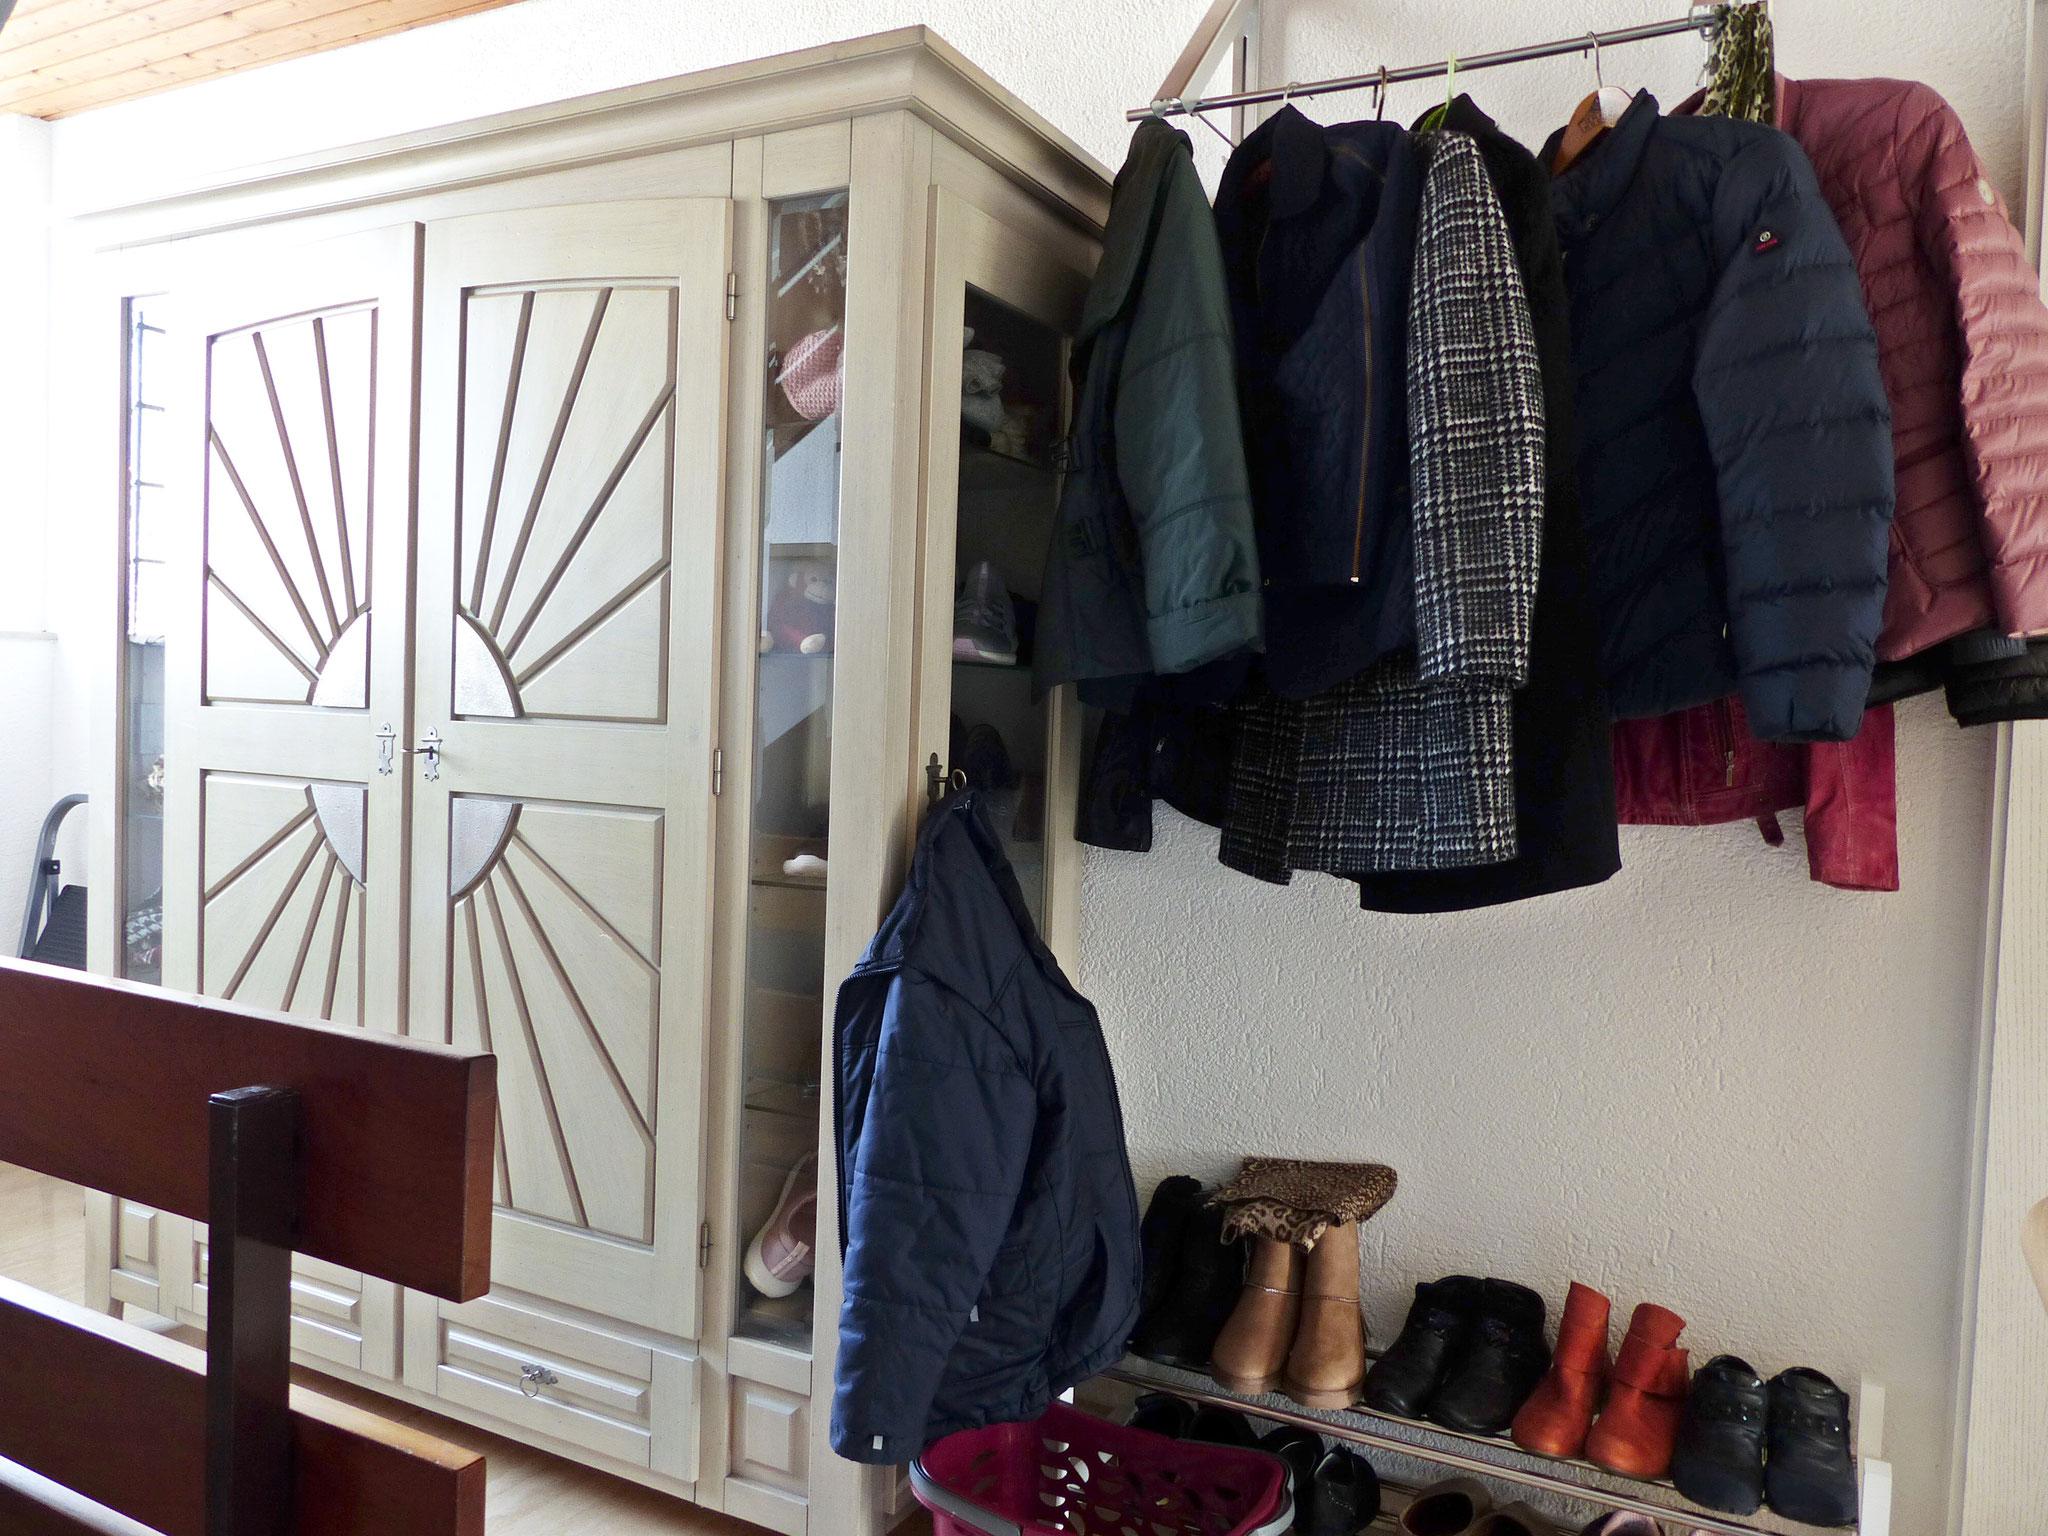 Treppenhausbereich vor EG-Wohnung / Garderobe